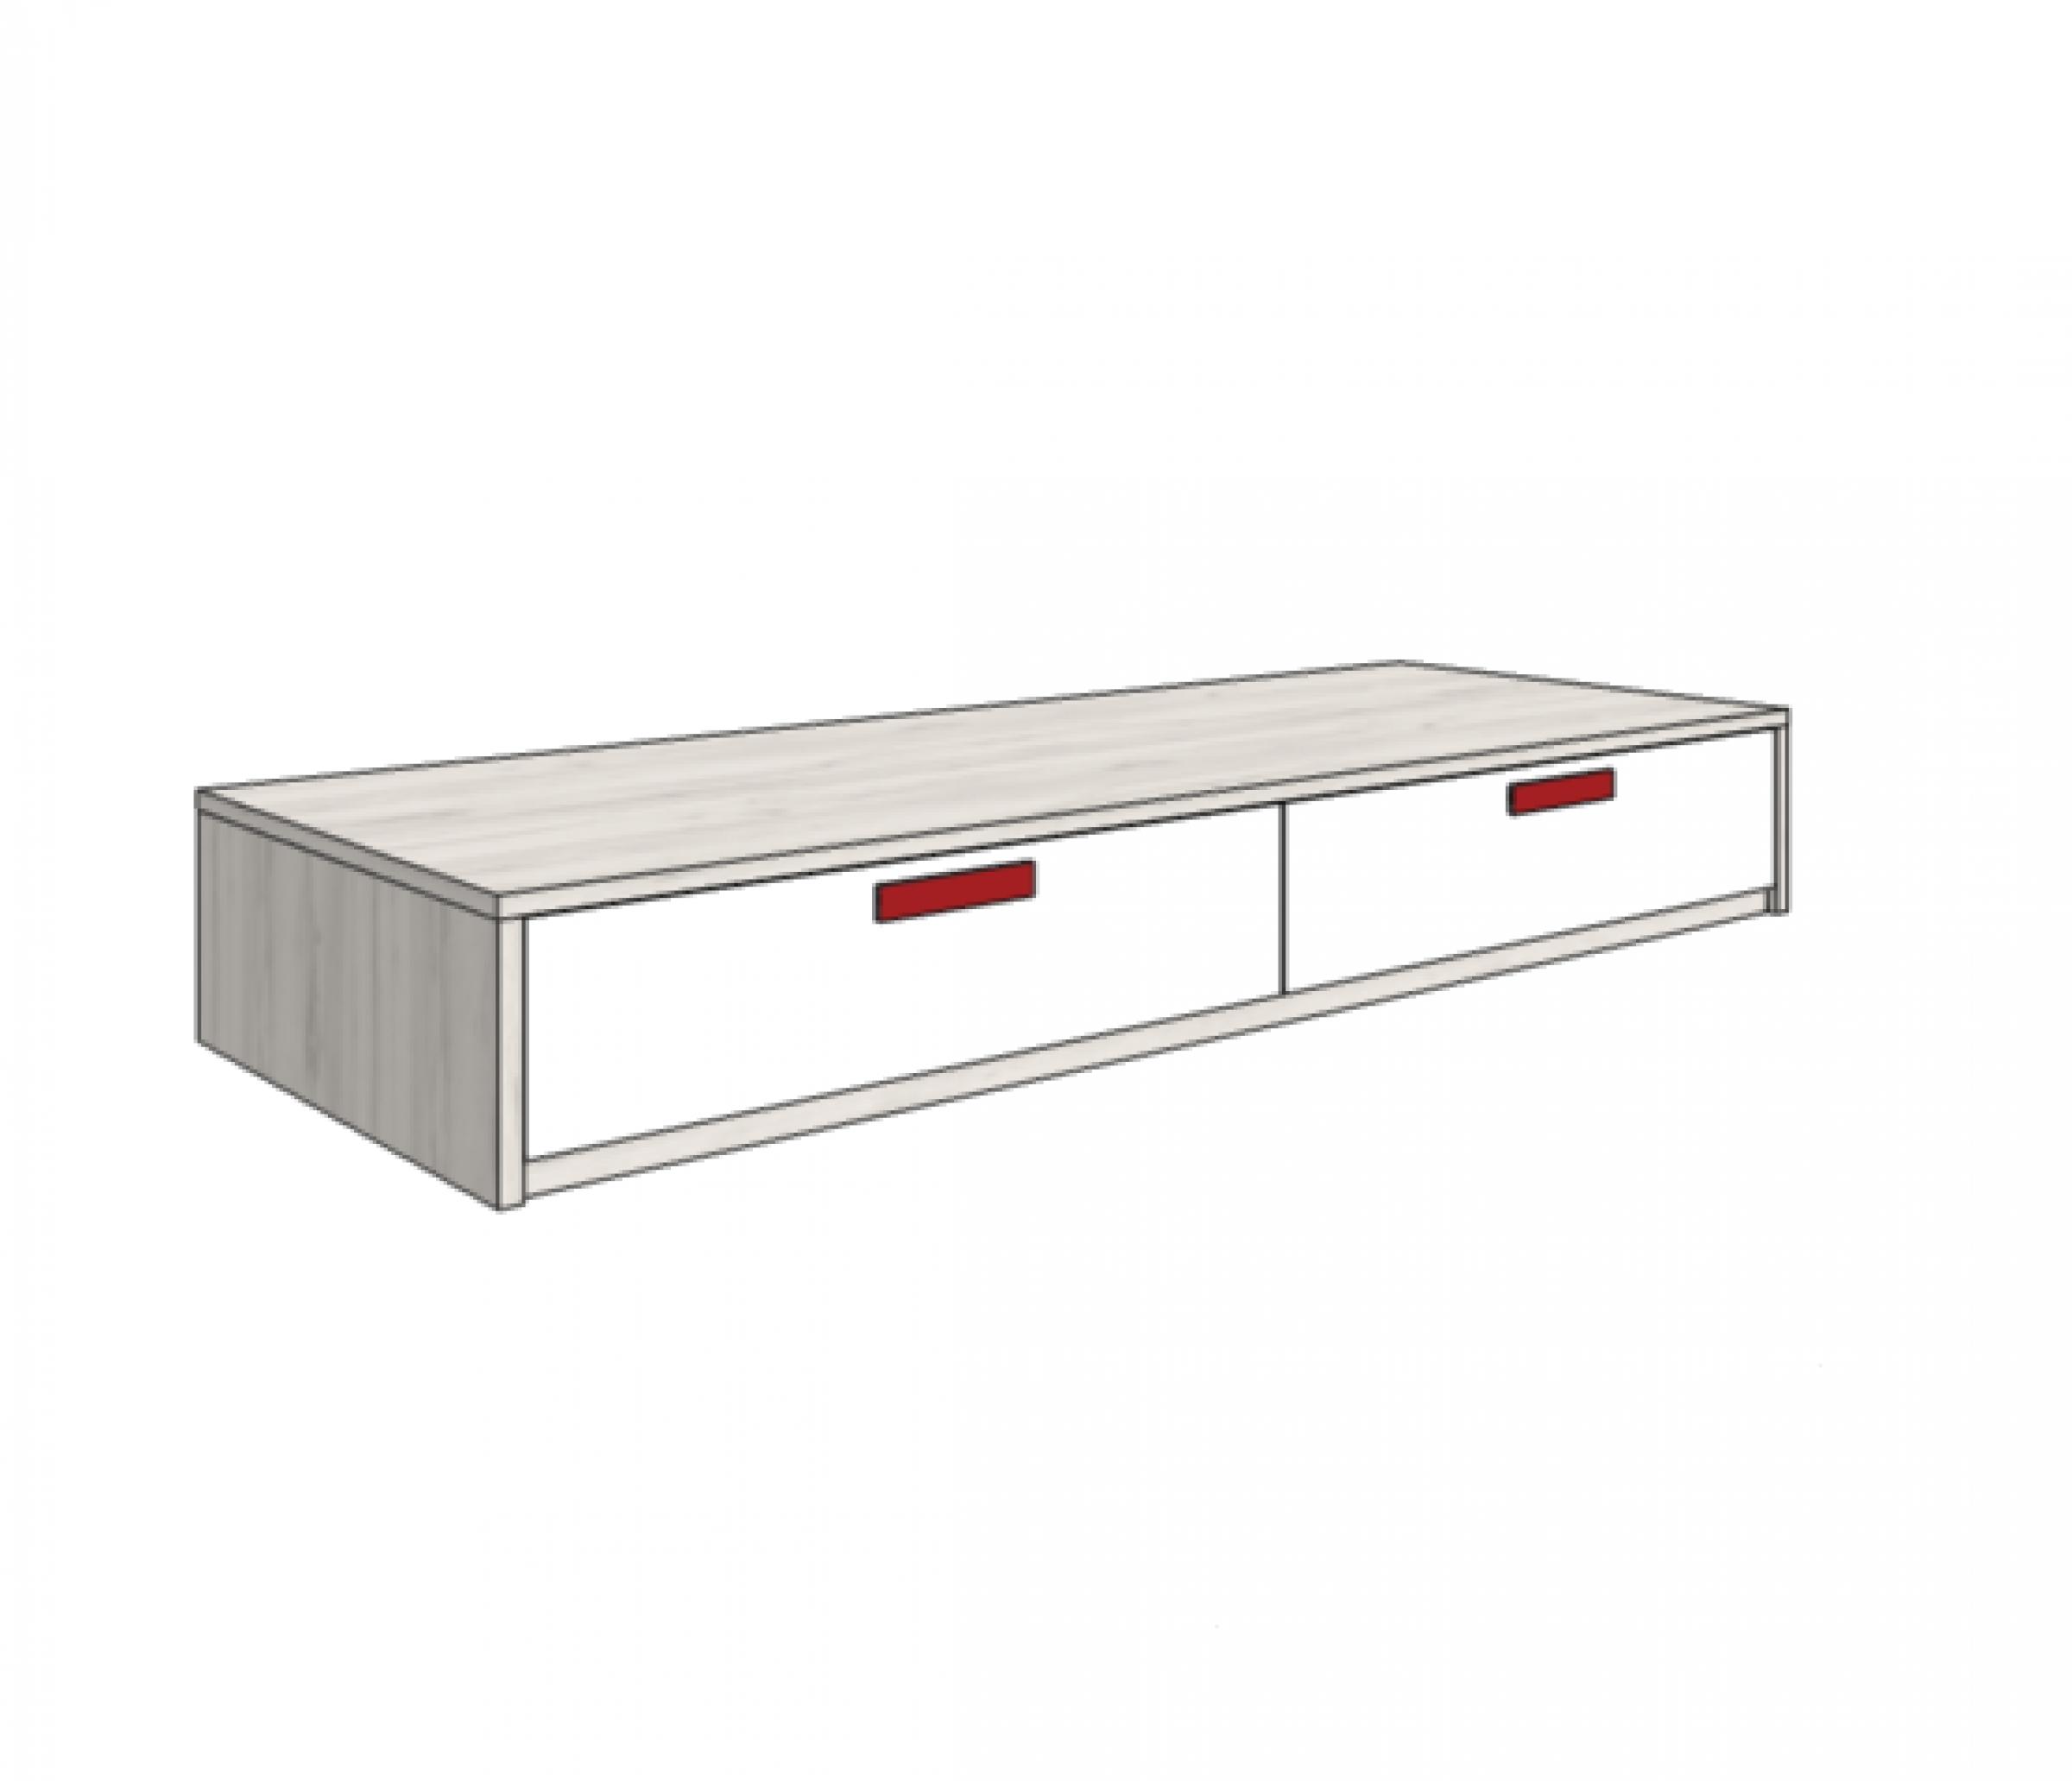 Klюkva кровать-диван с 2-мя ящиками (высота 32,5 см). арт: BSS_01Q